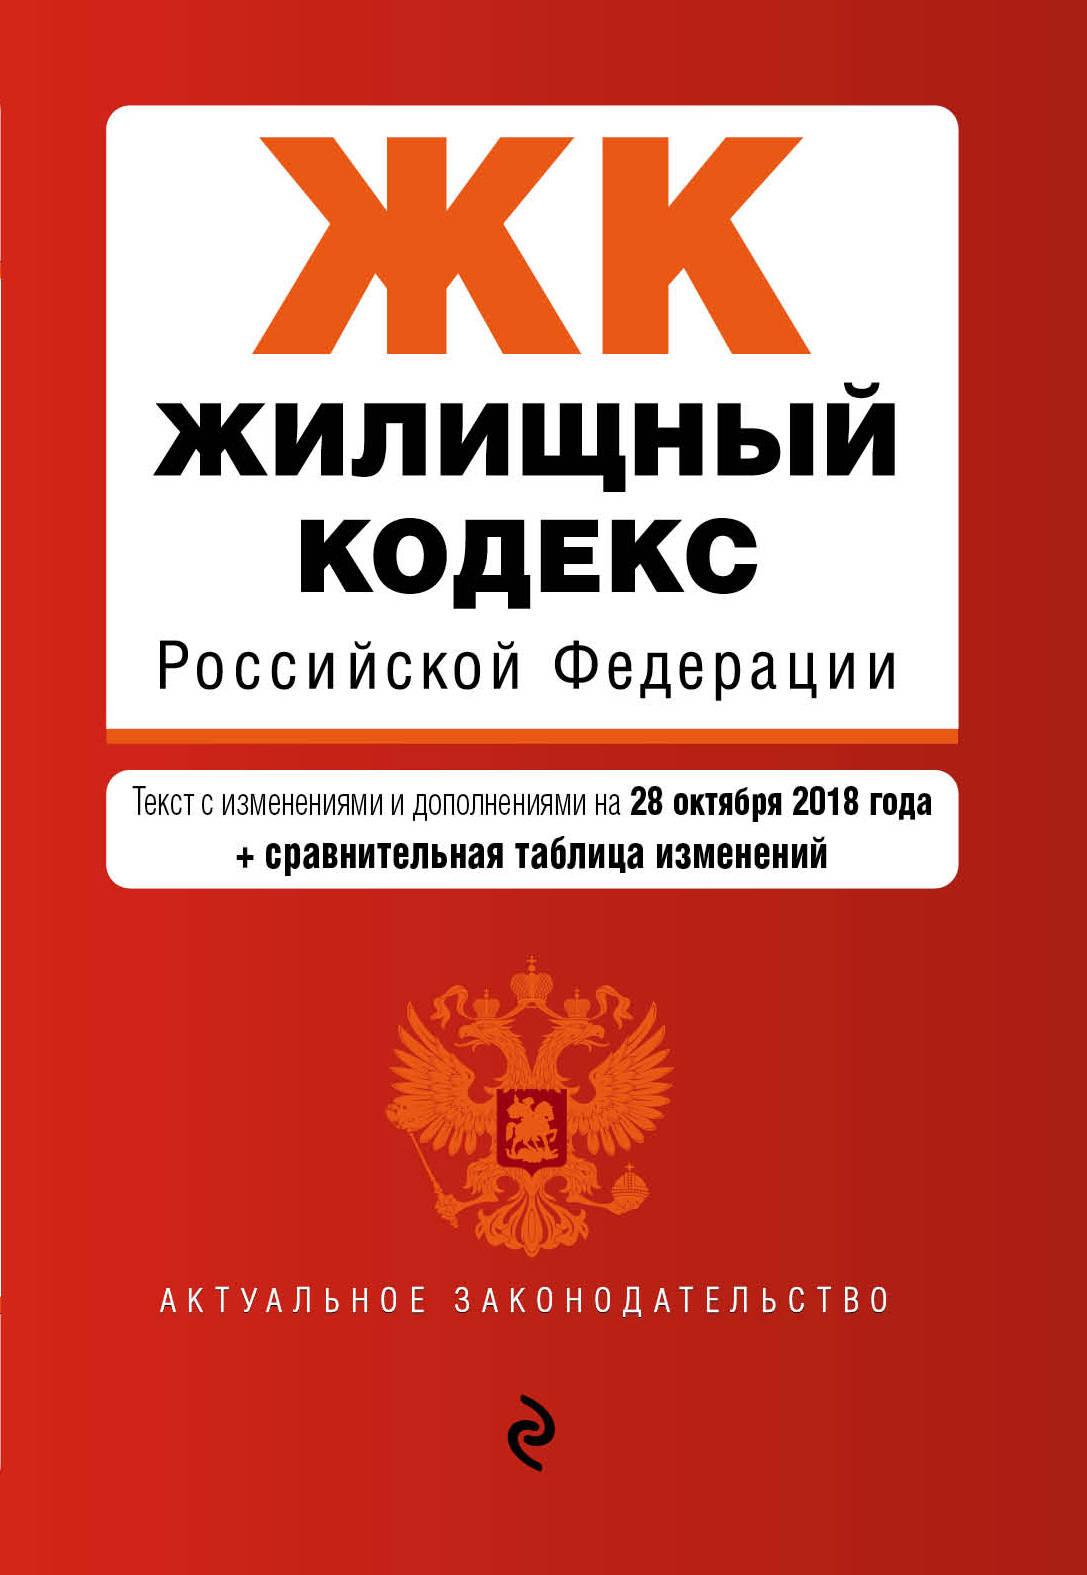 Жилищный кодекс Российской Федерации. Текст с изменениями и дополнениями на 28 октября 2018 г. (+ сравнительная таблица изменений)